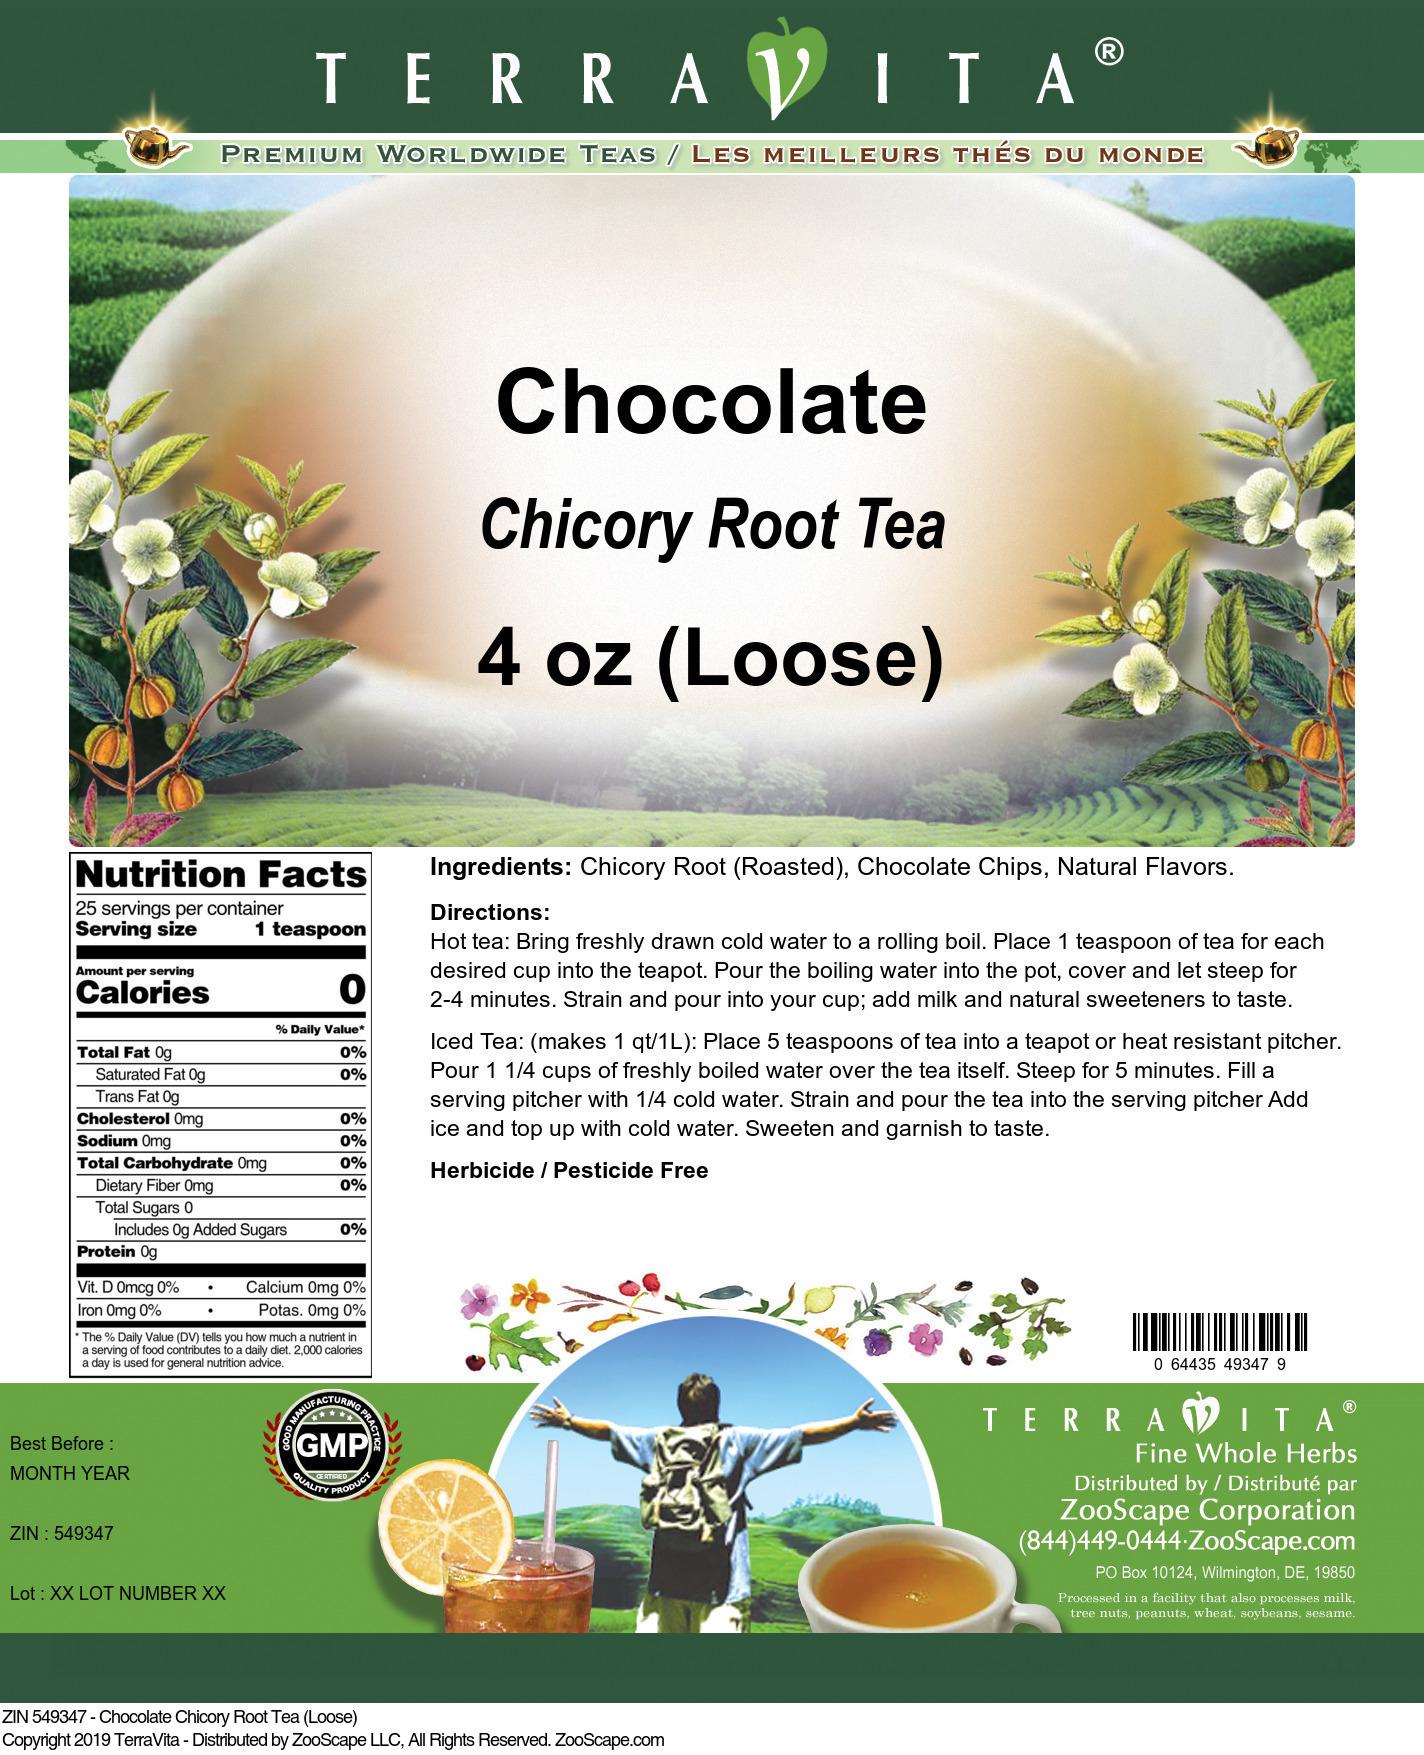 Chocolate Chicory Root